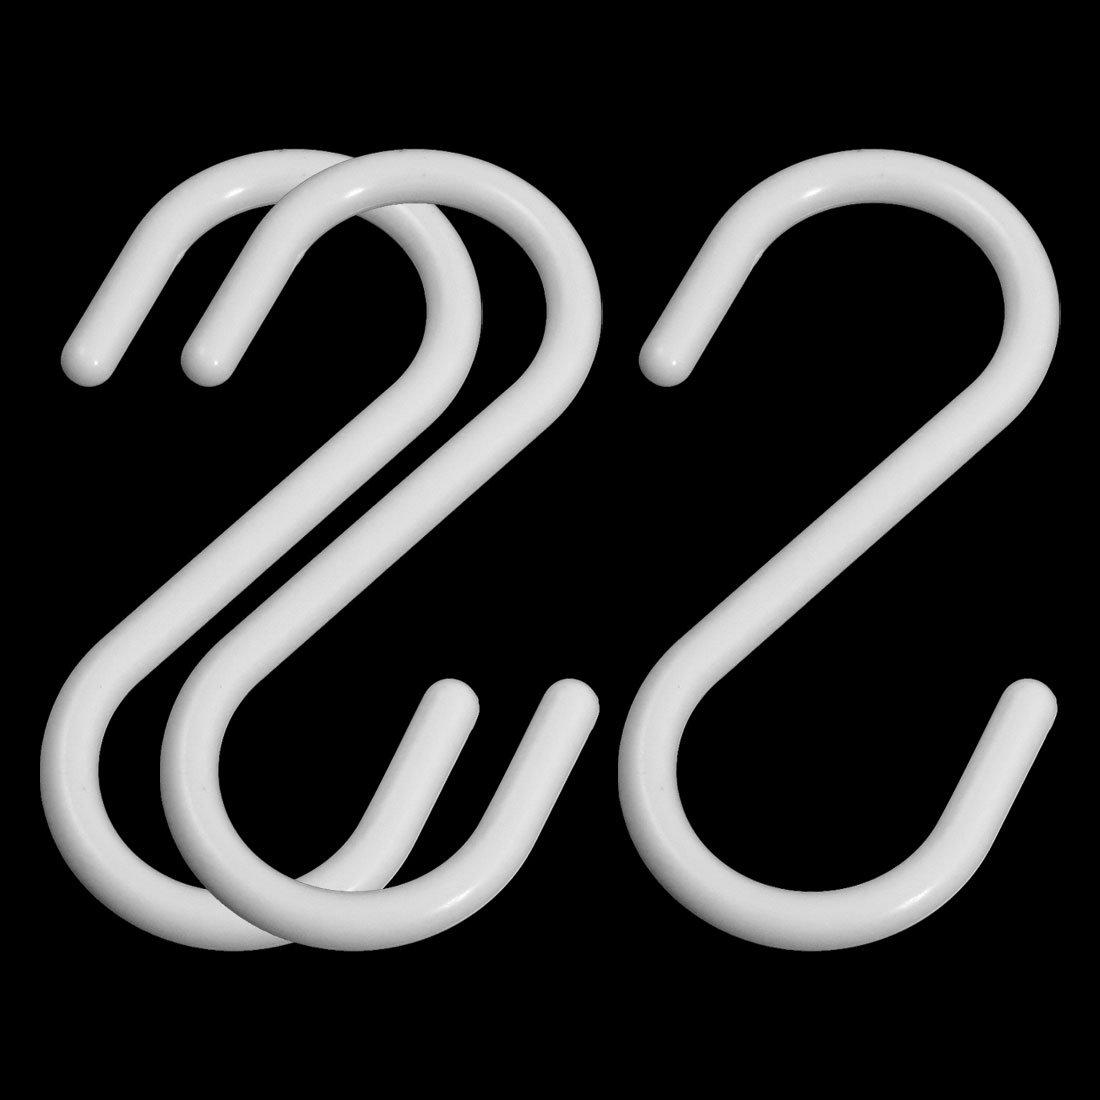 Mé nage Blanc S Crochets Vê tements Serviette Hanger rack support suspendu 3 Sourcingmap a13030500ux0400